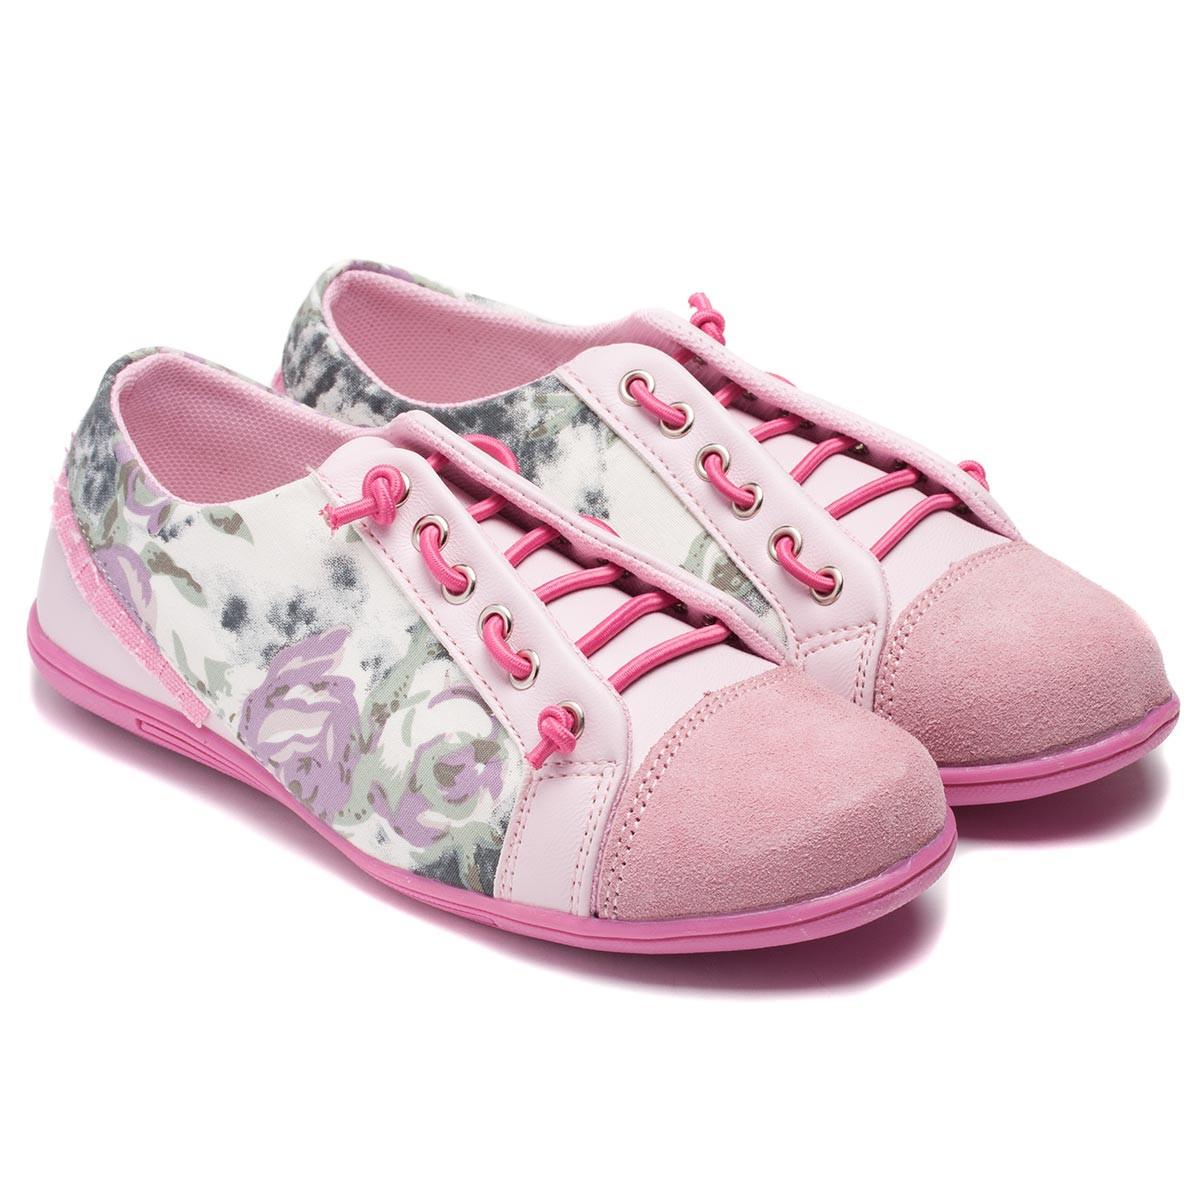 Спортивные туфли Miss Beauty для девочек, размер 32-37